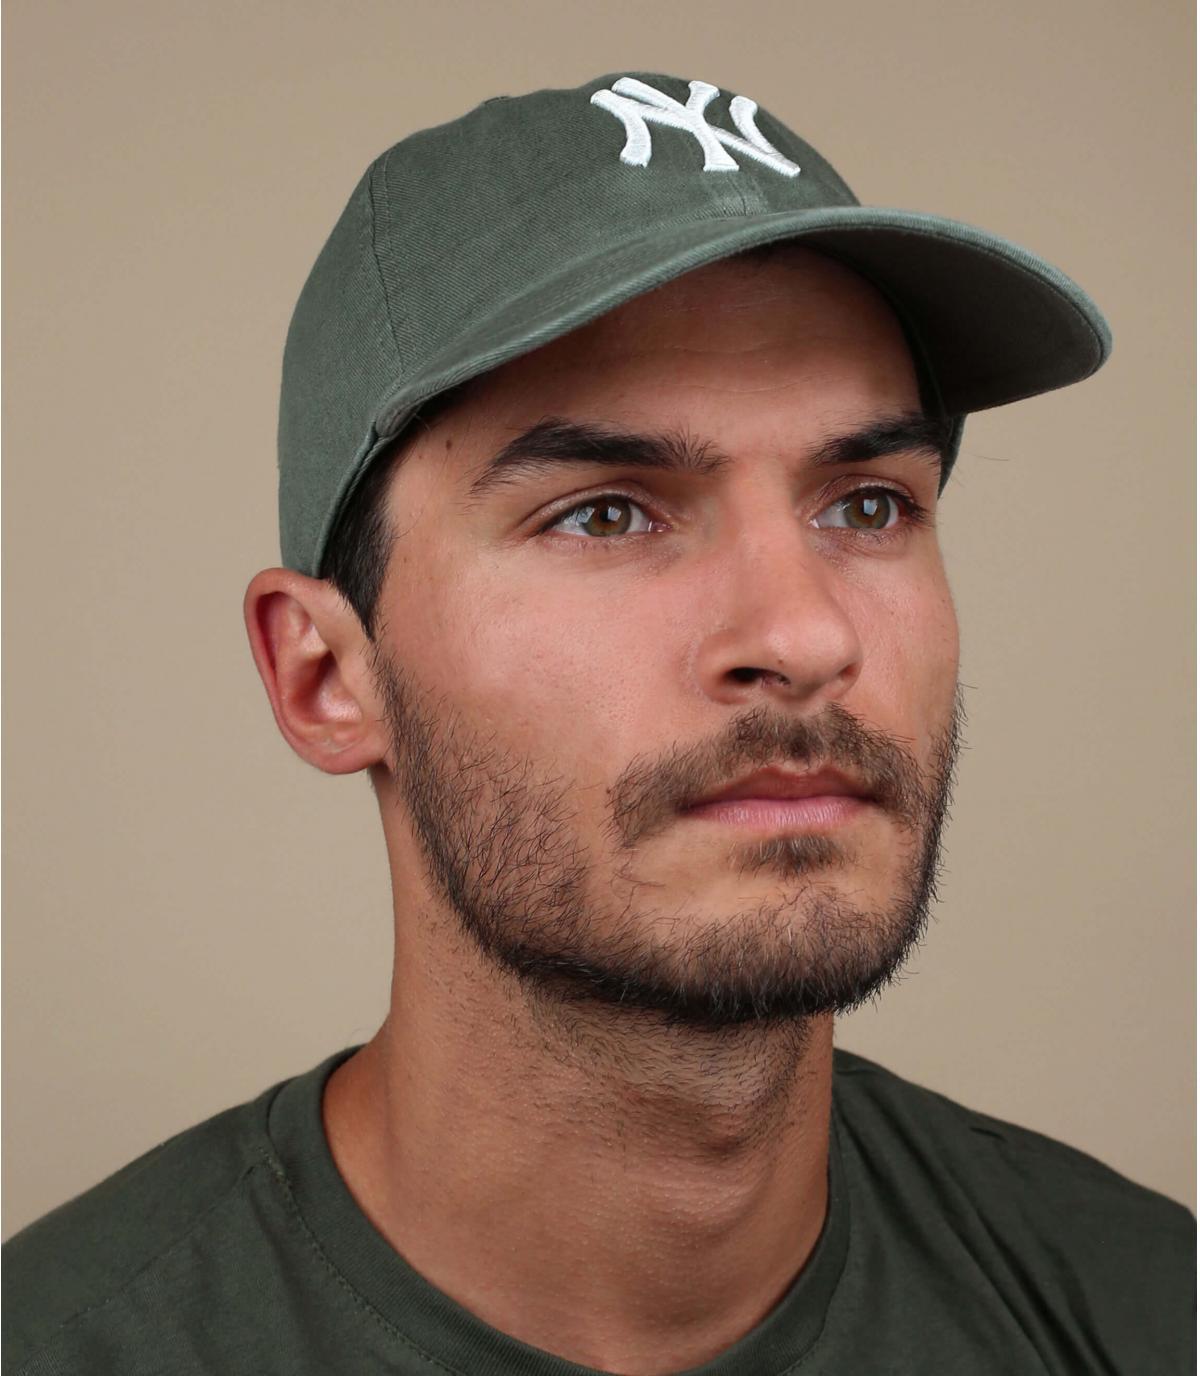 Cap NY grün khaki